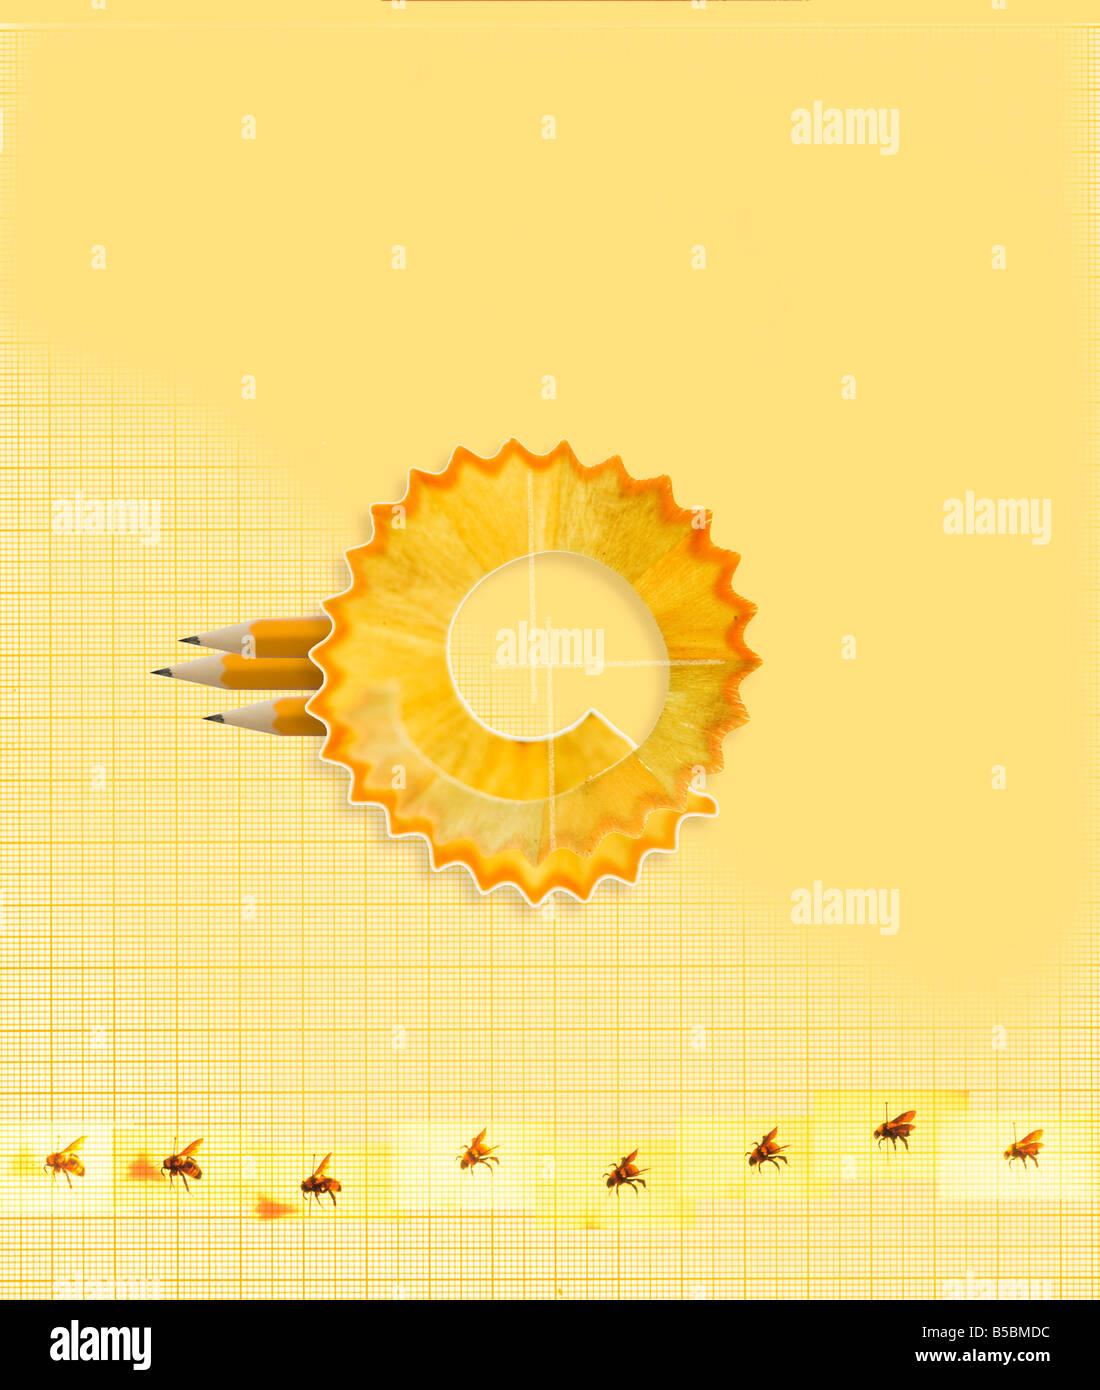 Lapiz de virutas de lápiz gráfico patrón abejas idea el concepto de círculo de papel Imagen De Stock